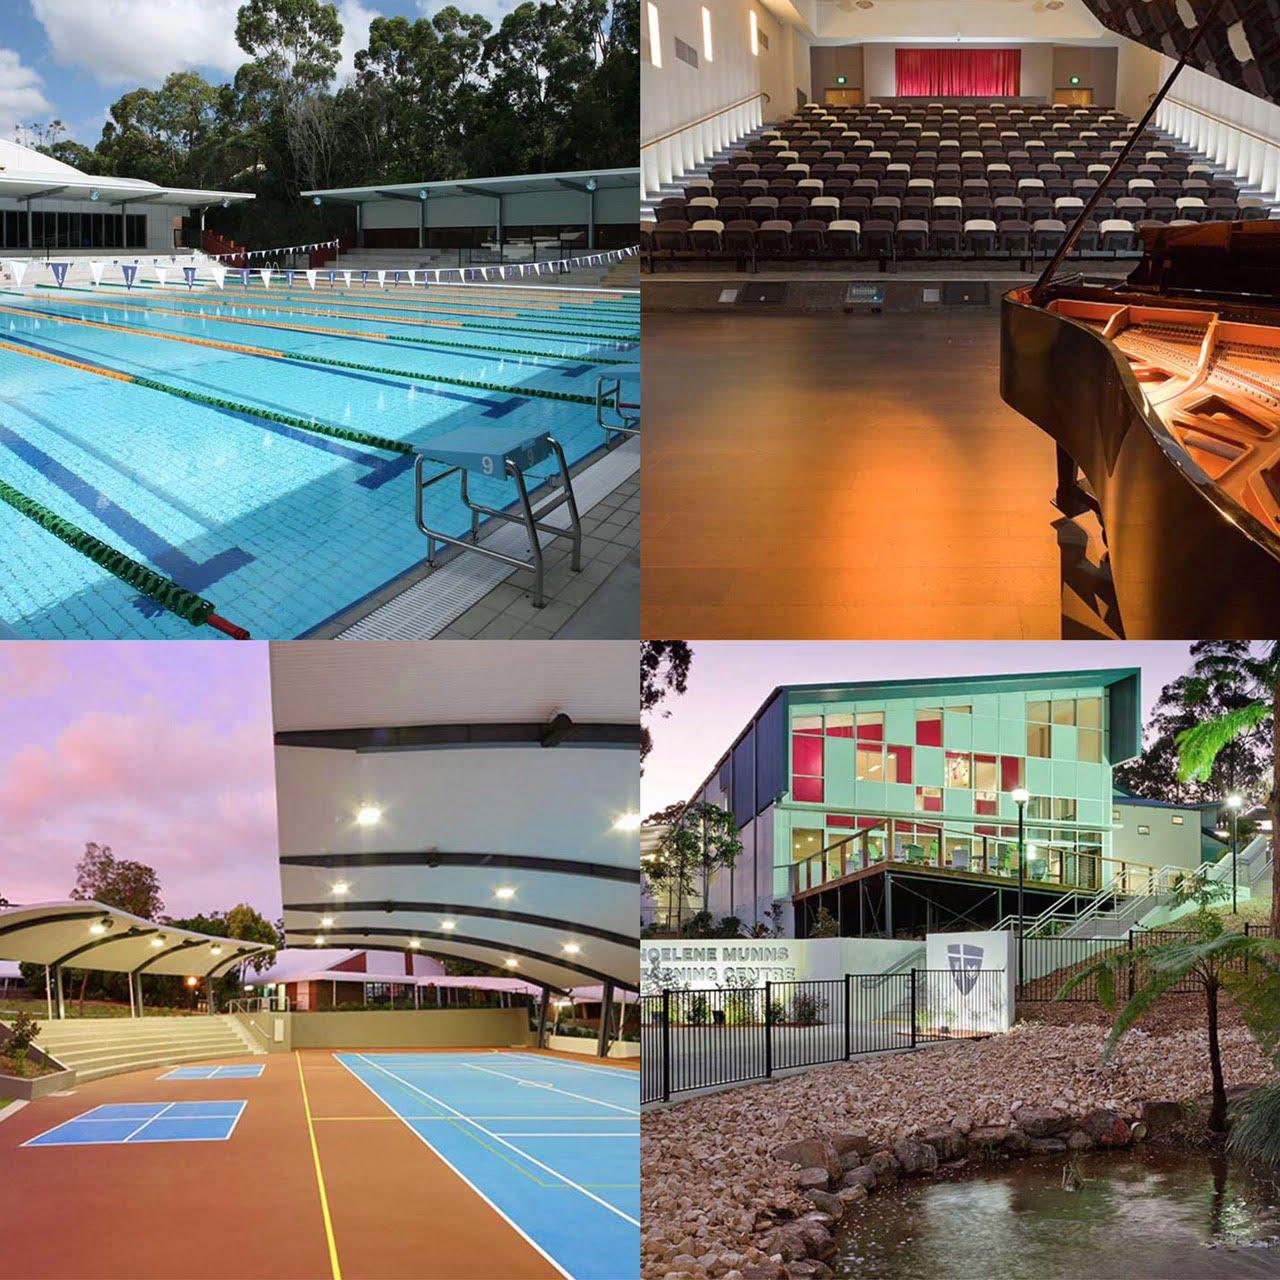 澳立留學 John Paul College 約翰保羅學院 體育 游泳 田徑 籃球 校園 表演廳 澳洲留學 澳洲移民 澳洲打工渡假 中學留學 小學留學 高中留學 遊學